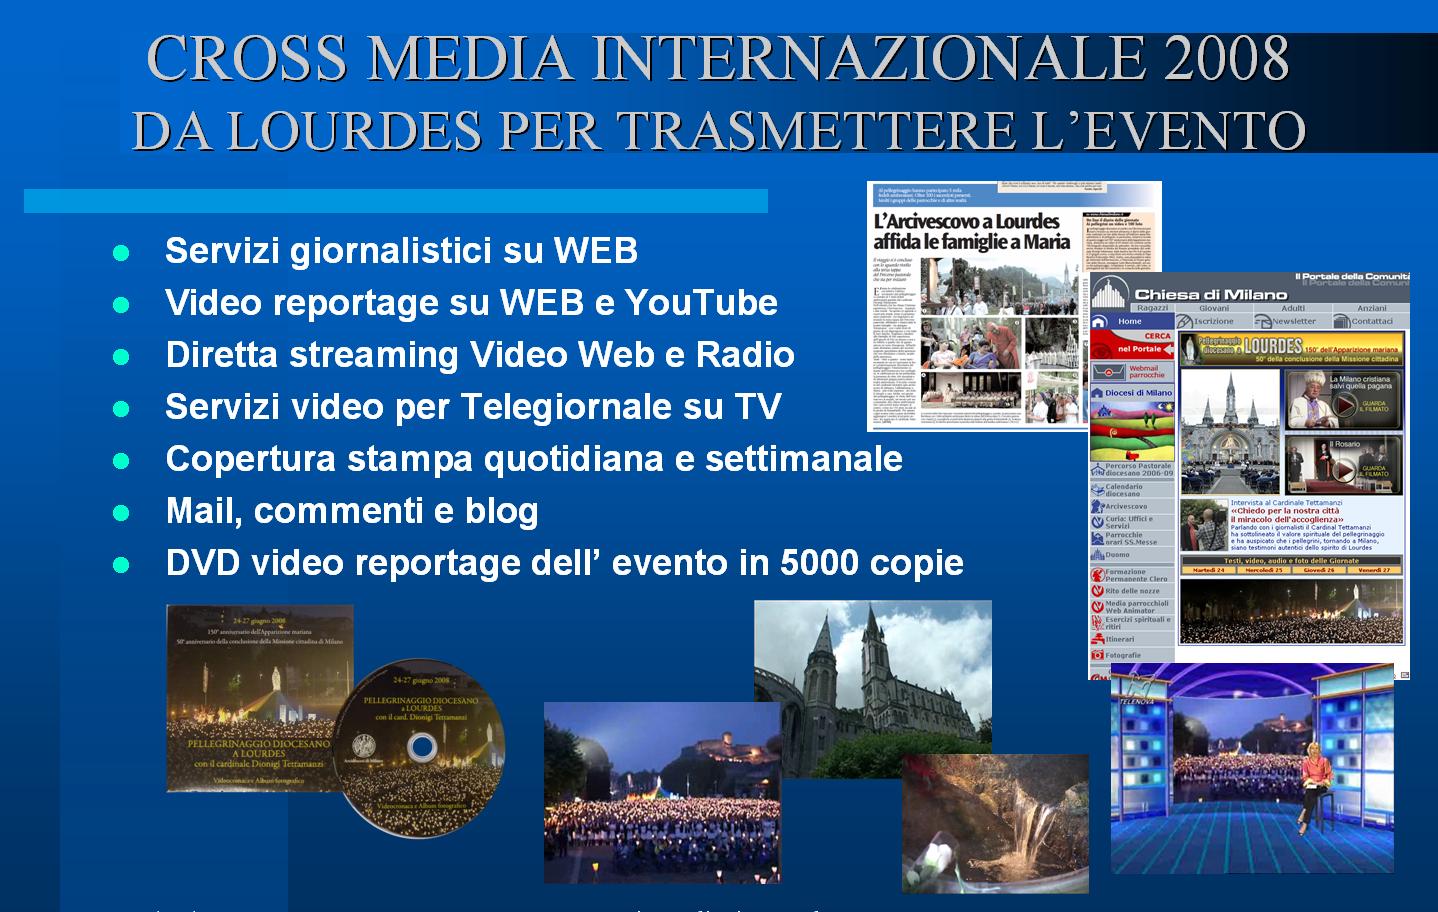 LourdesCrossMedia